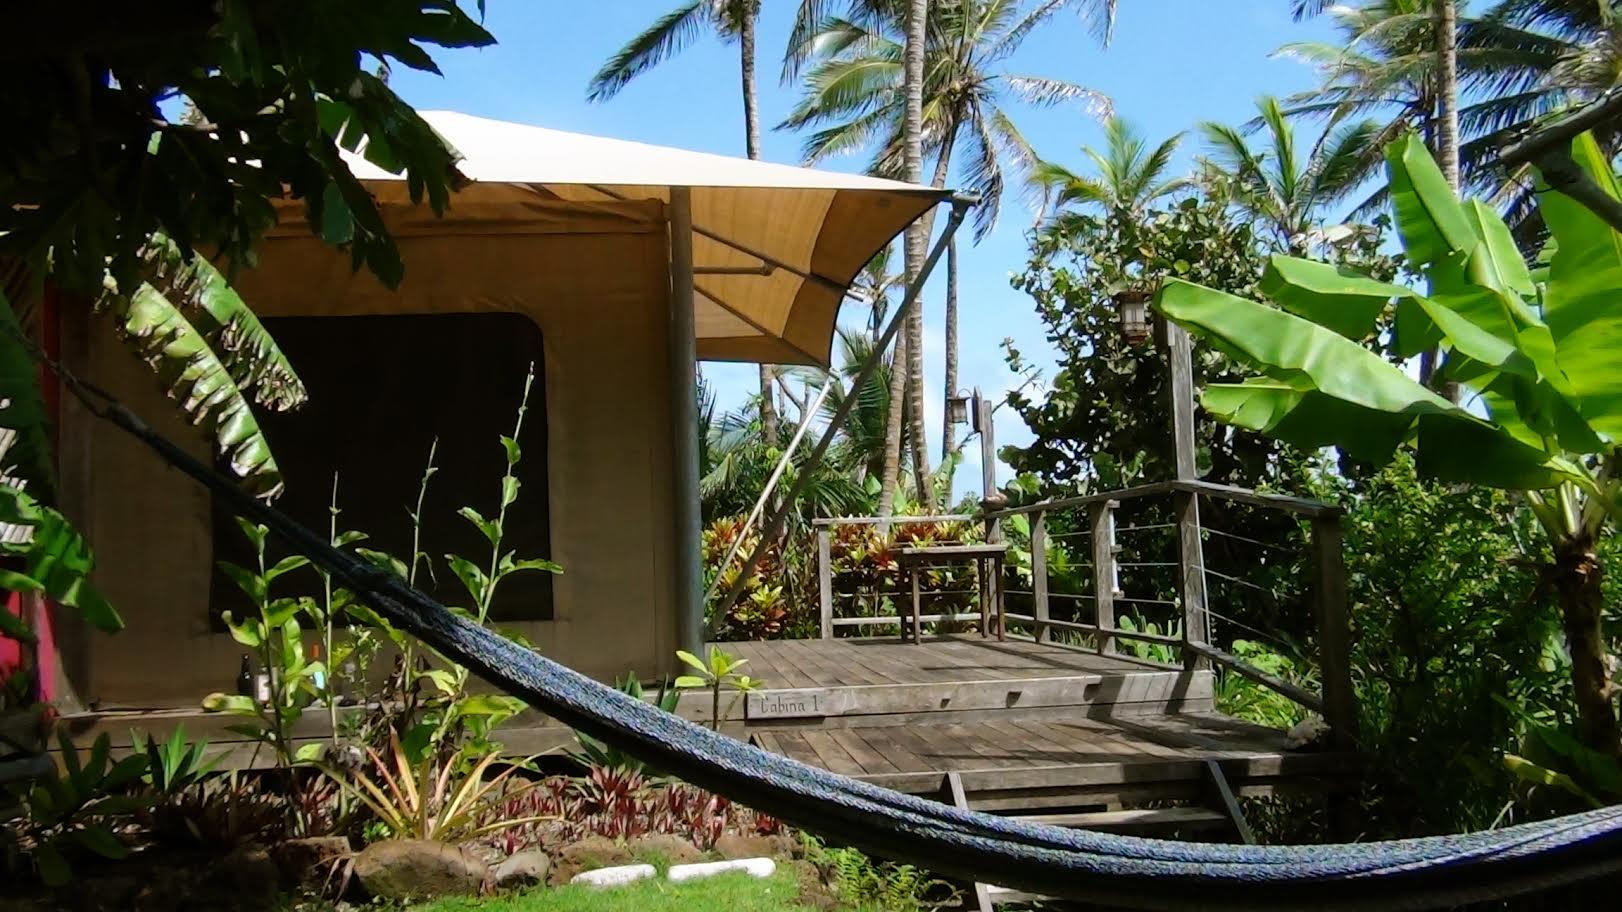 Los Escapados Eco-Cabin 1 with hammock